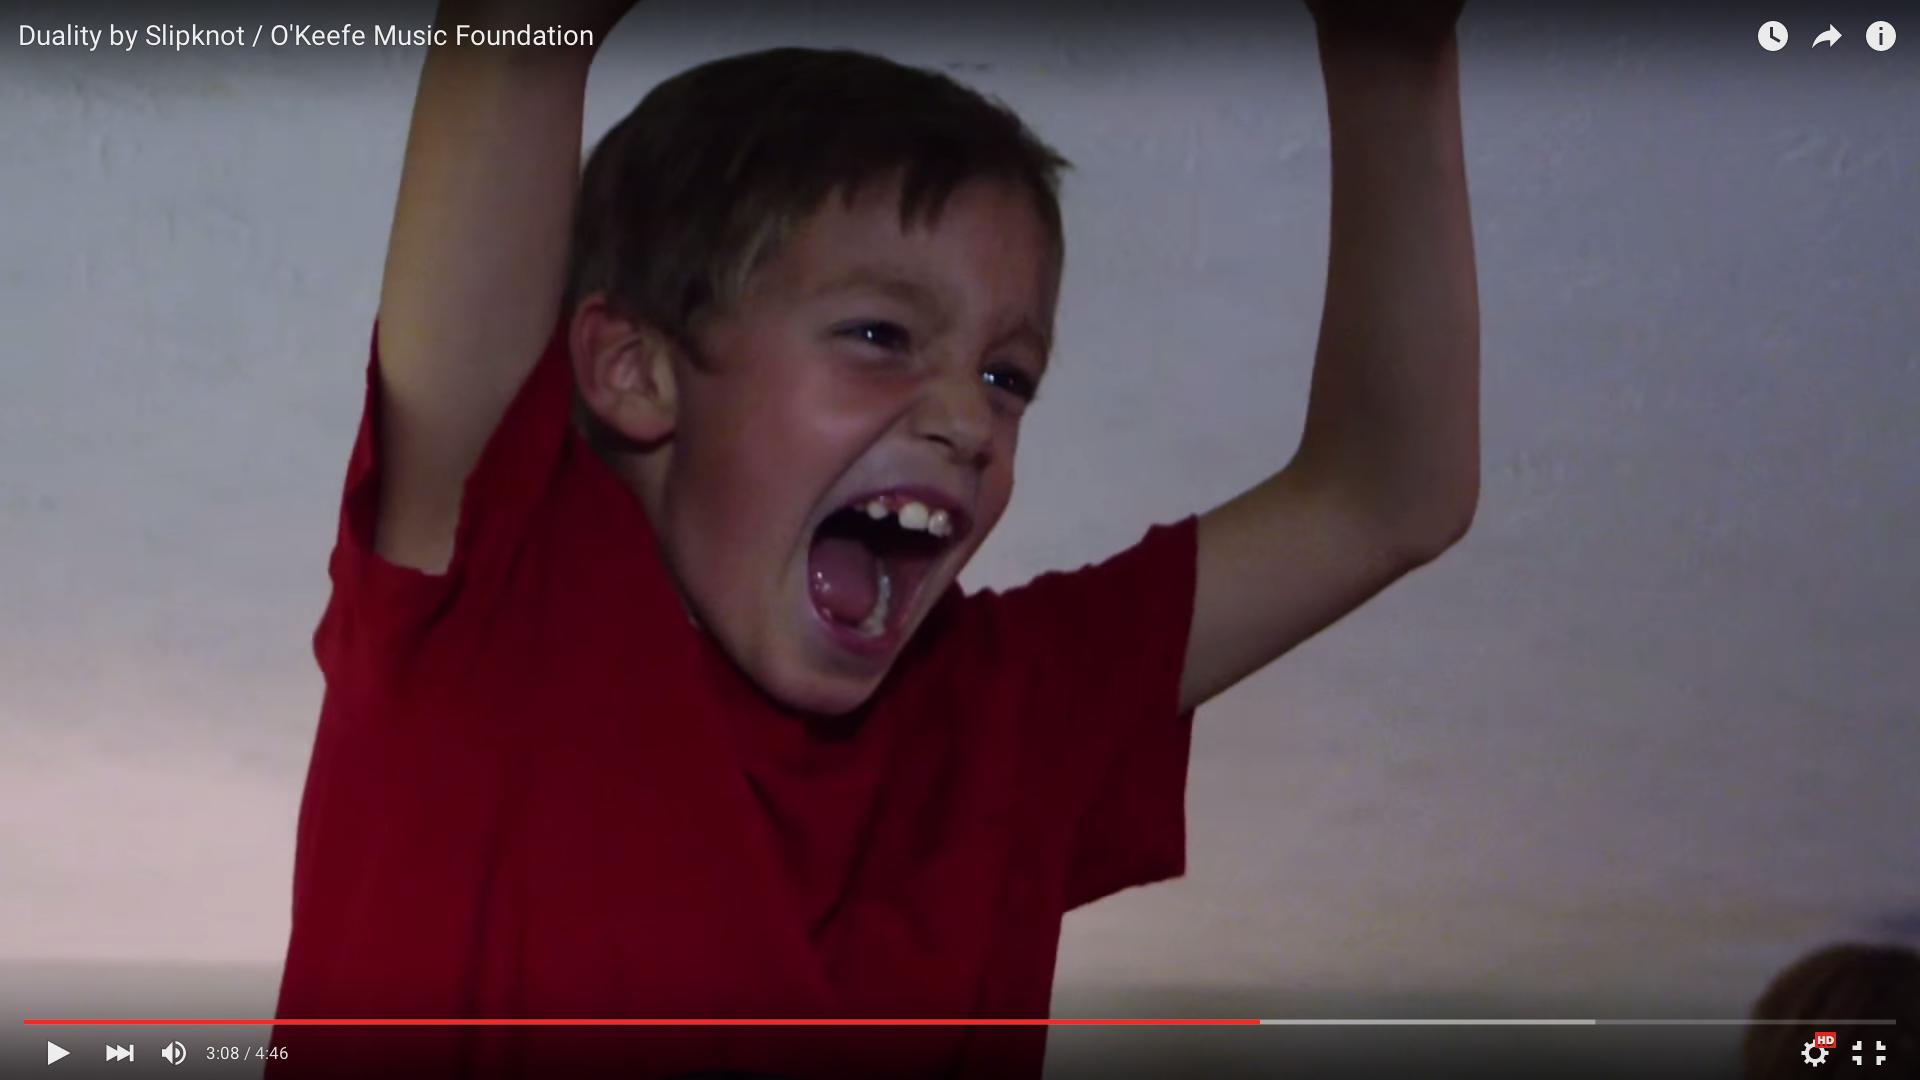 Ausschnitt aus dem Video zum Kinder-Cover von Slipknot.